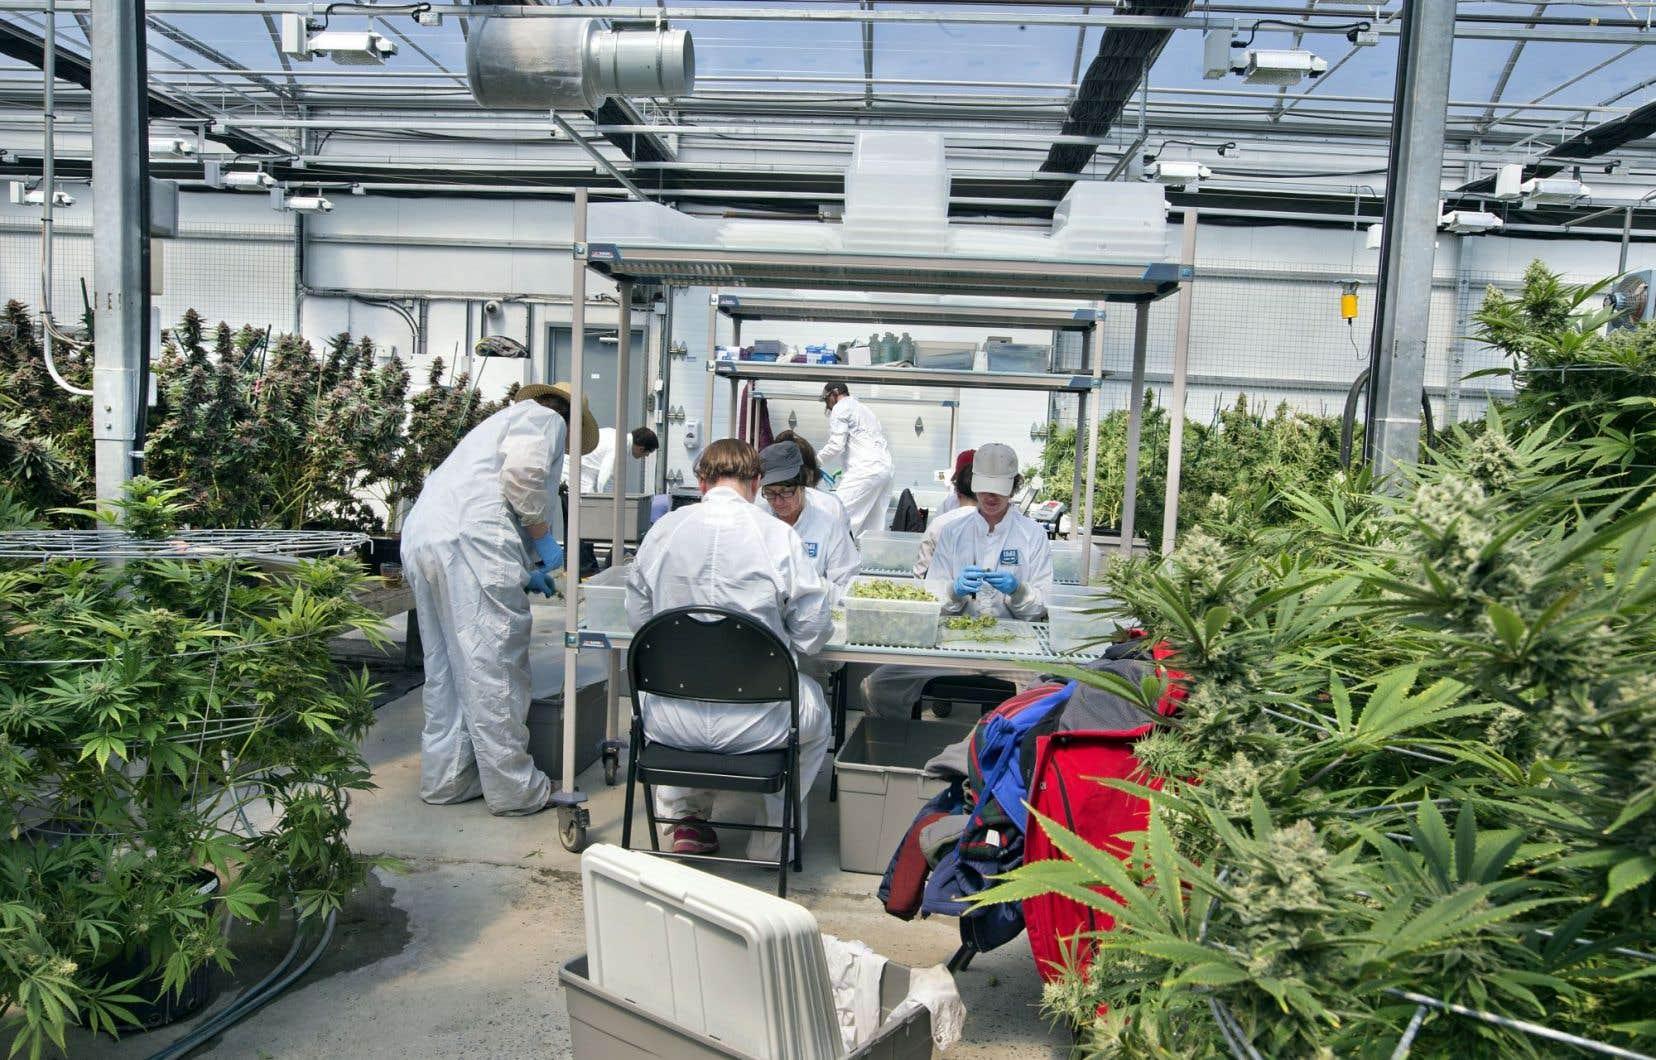 Le gouvernement doit récupérer la distribution du cannabis à des fins récréatives et thérapeutiques sur le modèle de la SAQ.